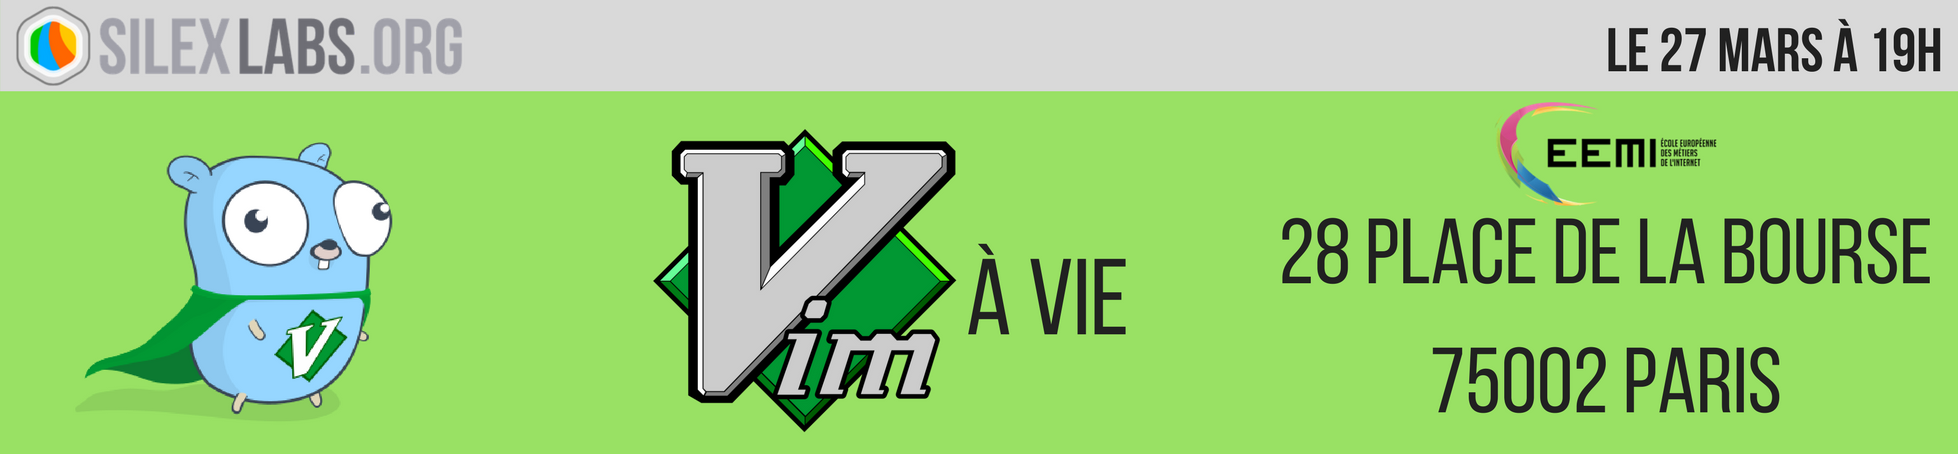 vim-bandeau-site